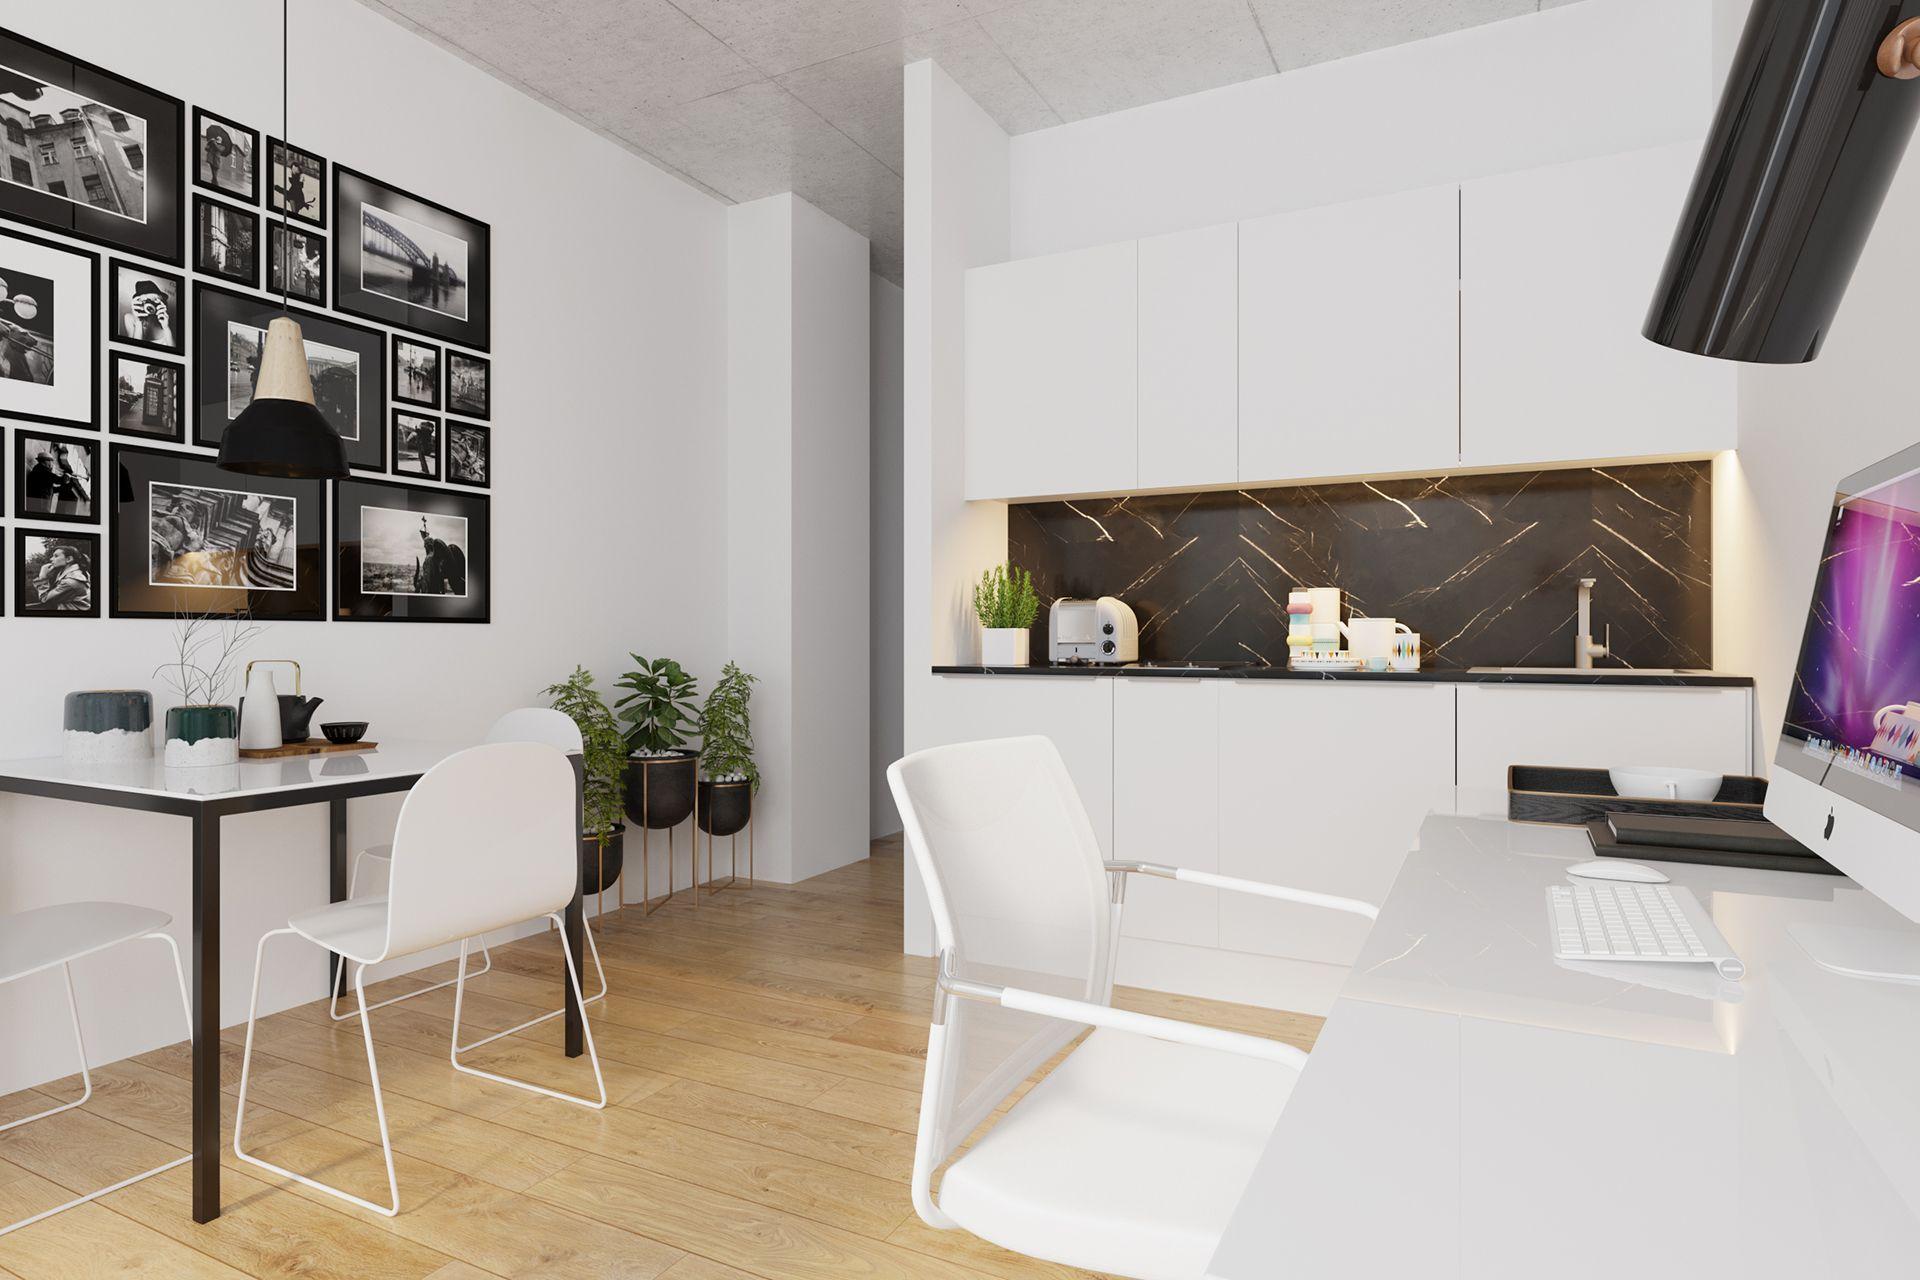 Interiorvisualisierung: Wohnküche Bsp. 4 von Apartment Kardinal-Nagl-Platz, Wien-Landstrasse